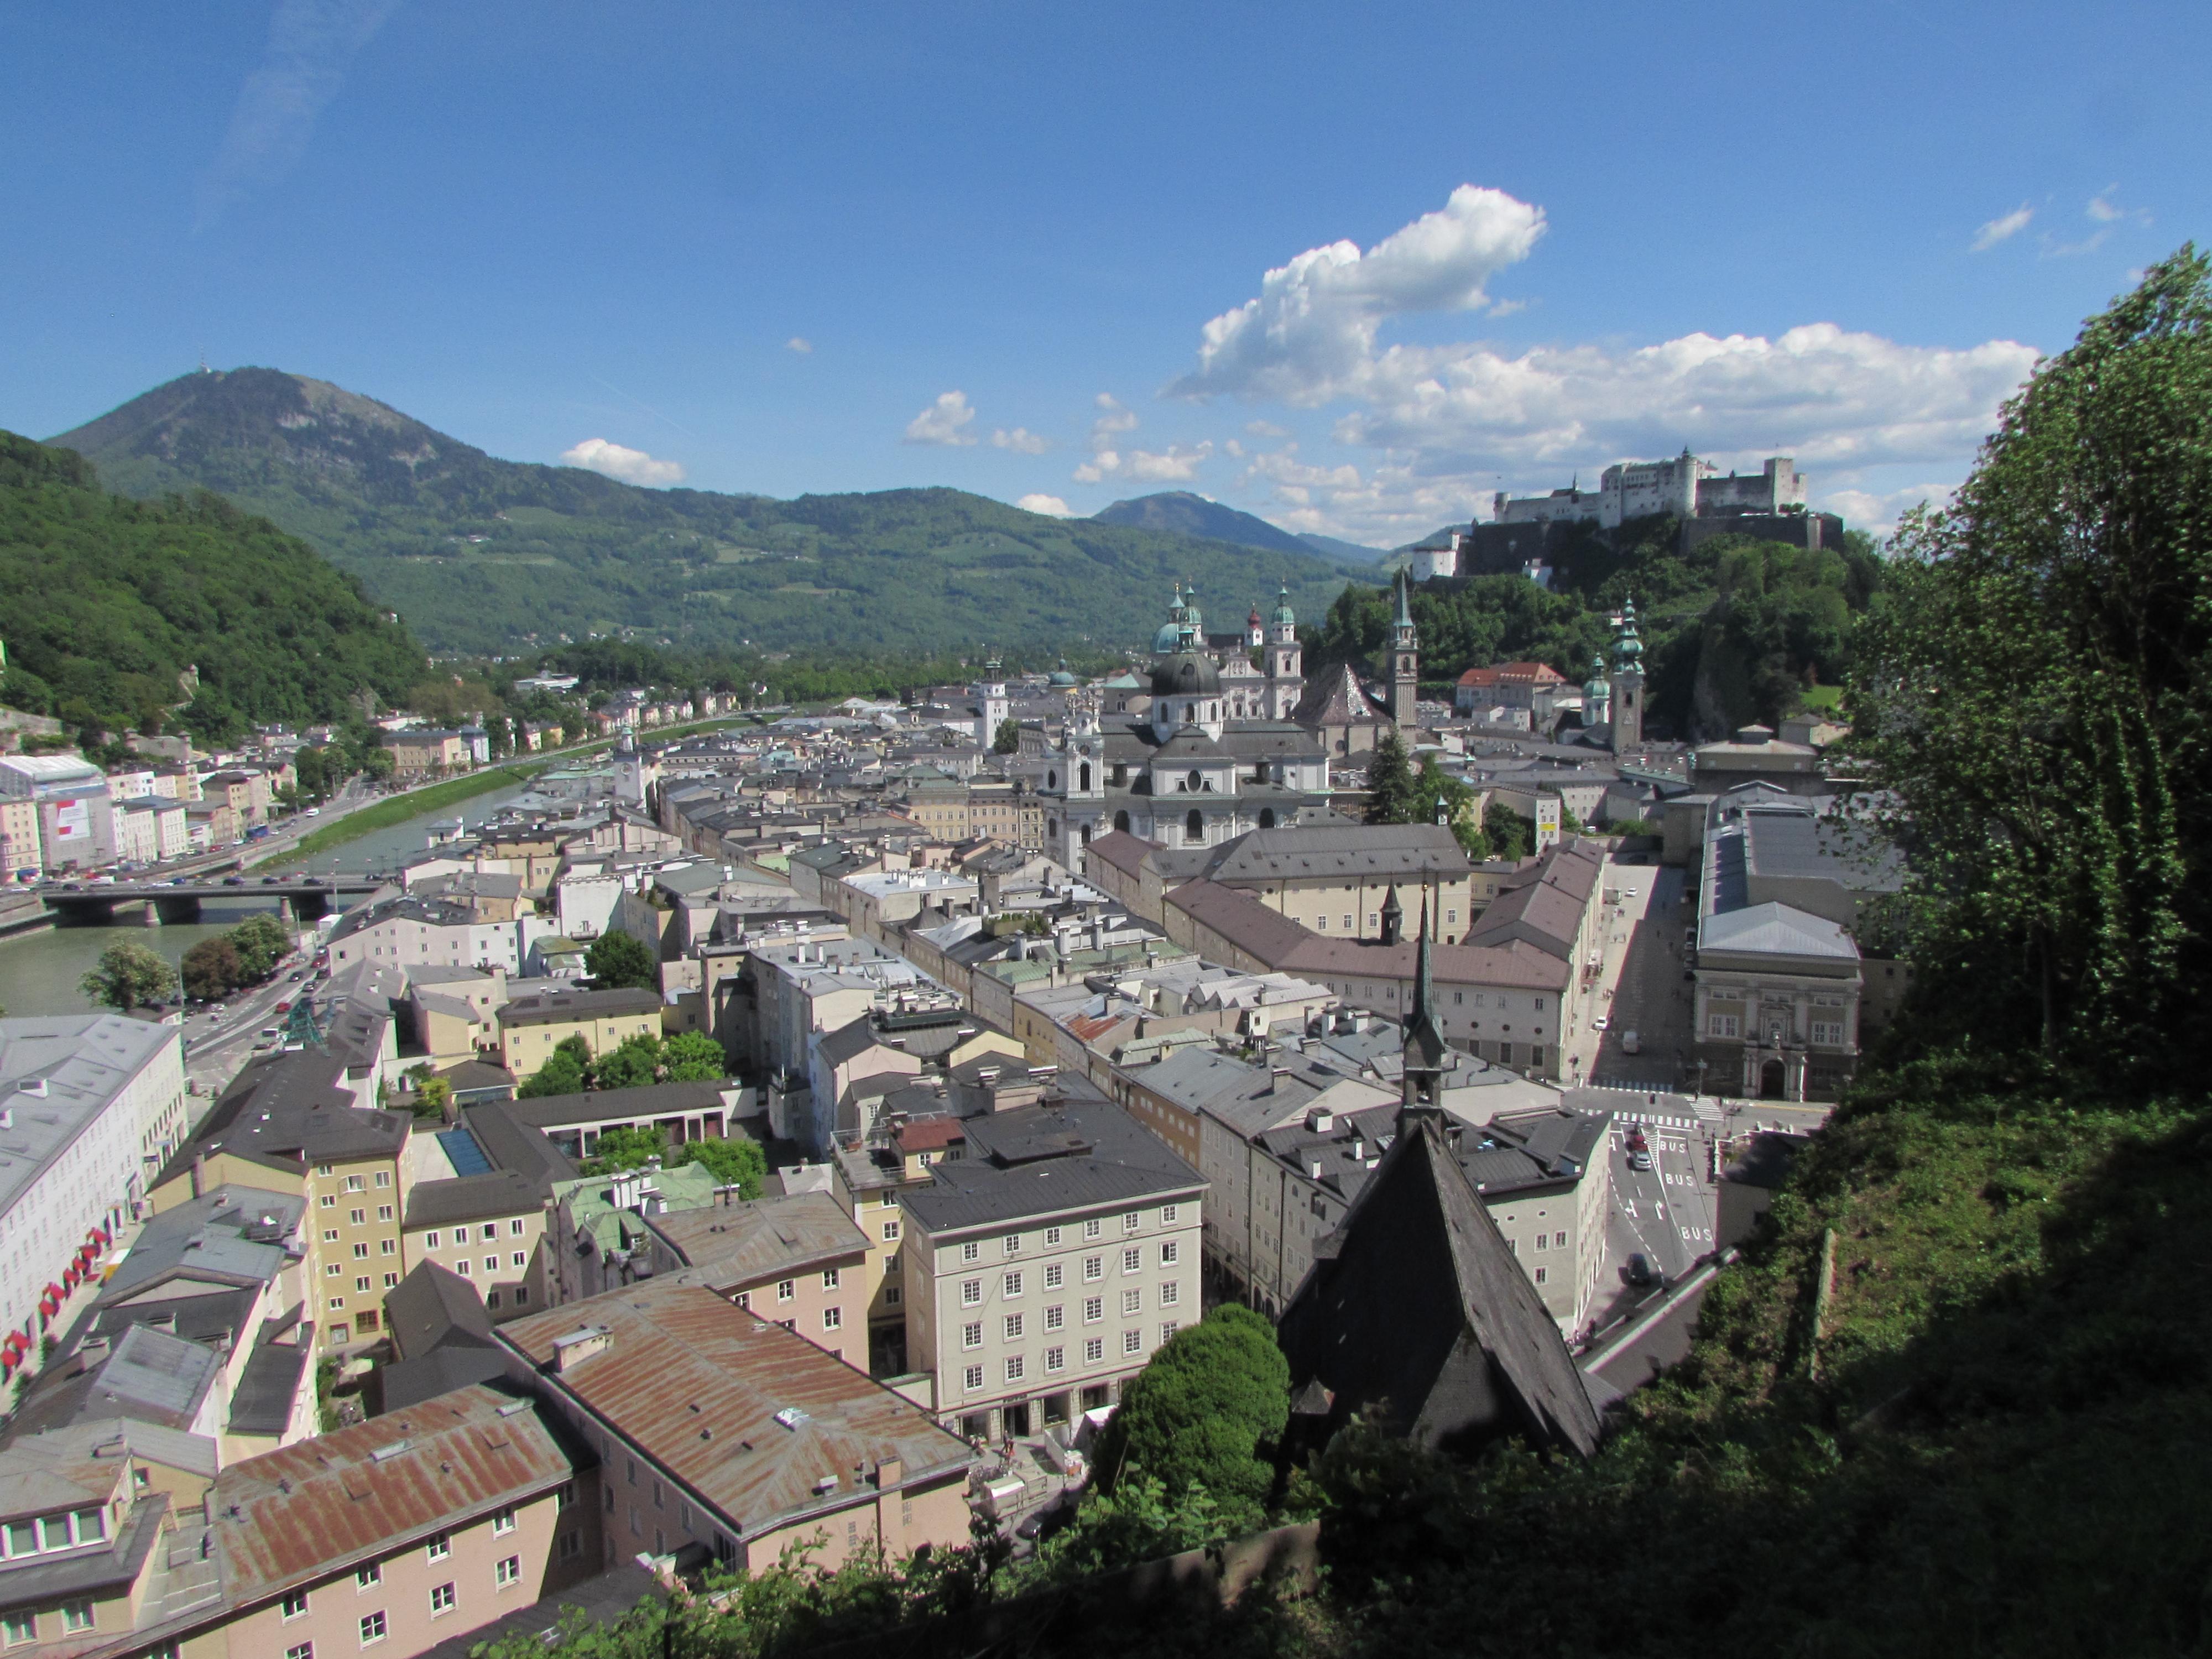 ABGESAGT - Josefiwanderung in Salzburg